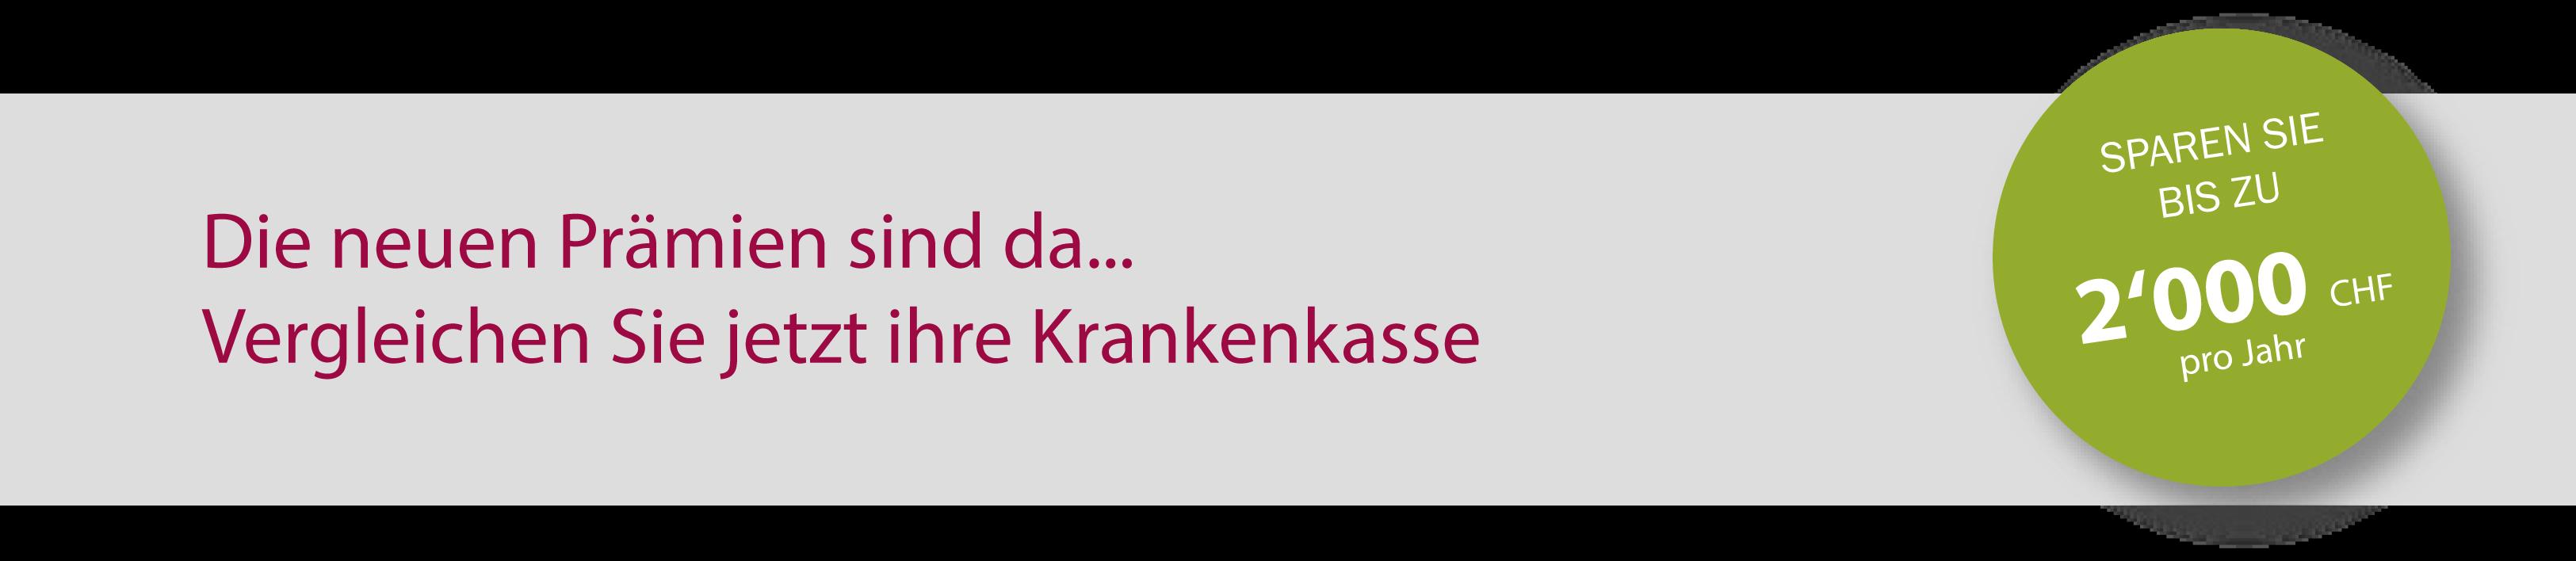 kk-vergleich-A1